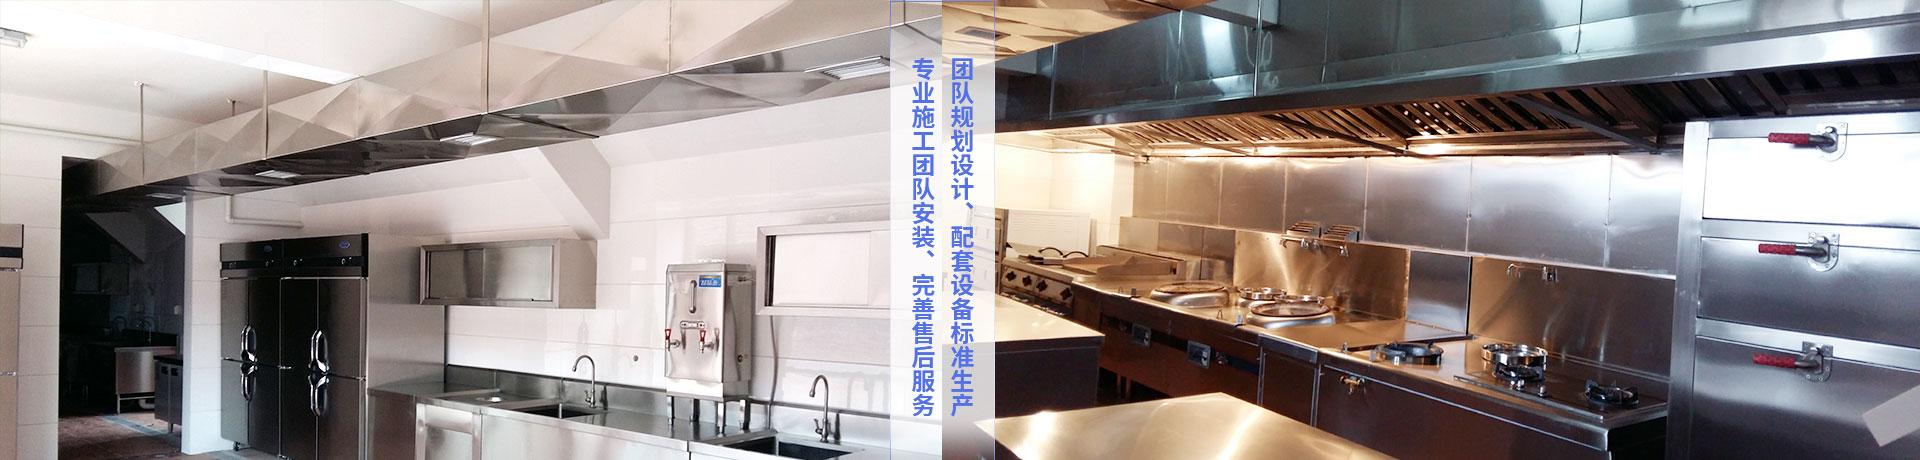 新建一個廚房都需要什么設備